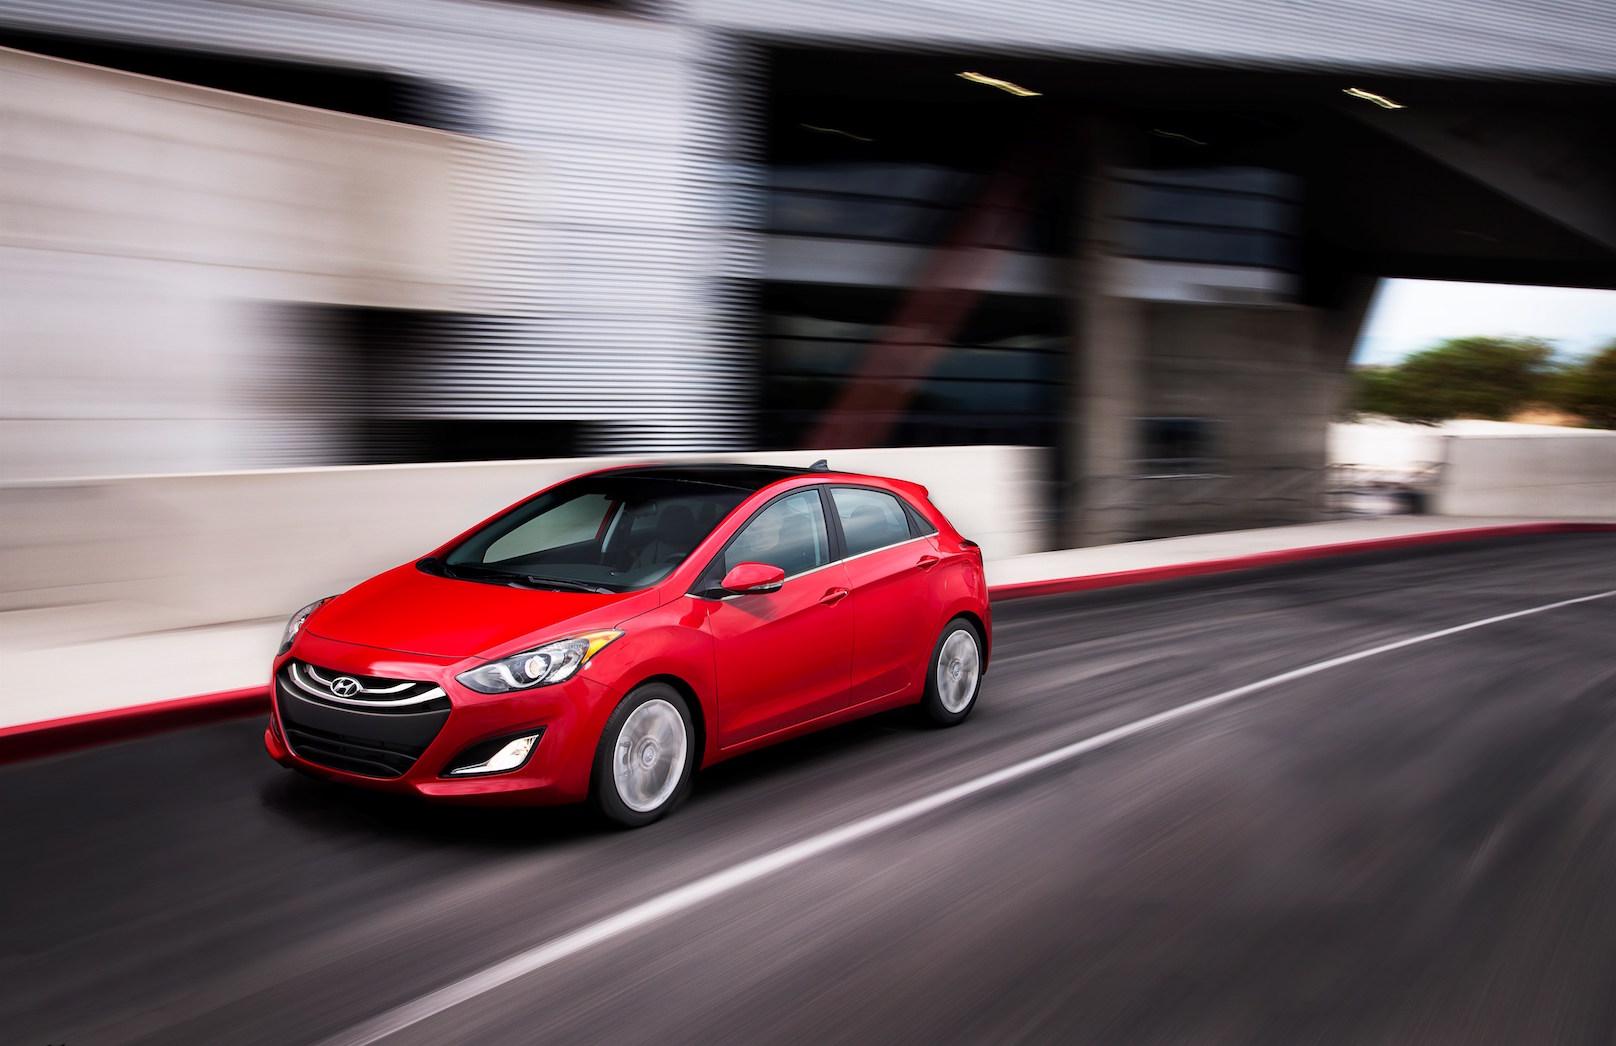 2013 Hyundai Elantra GT review